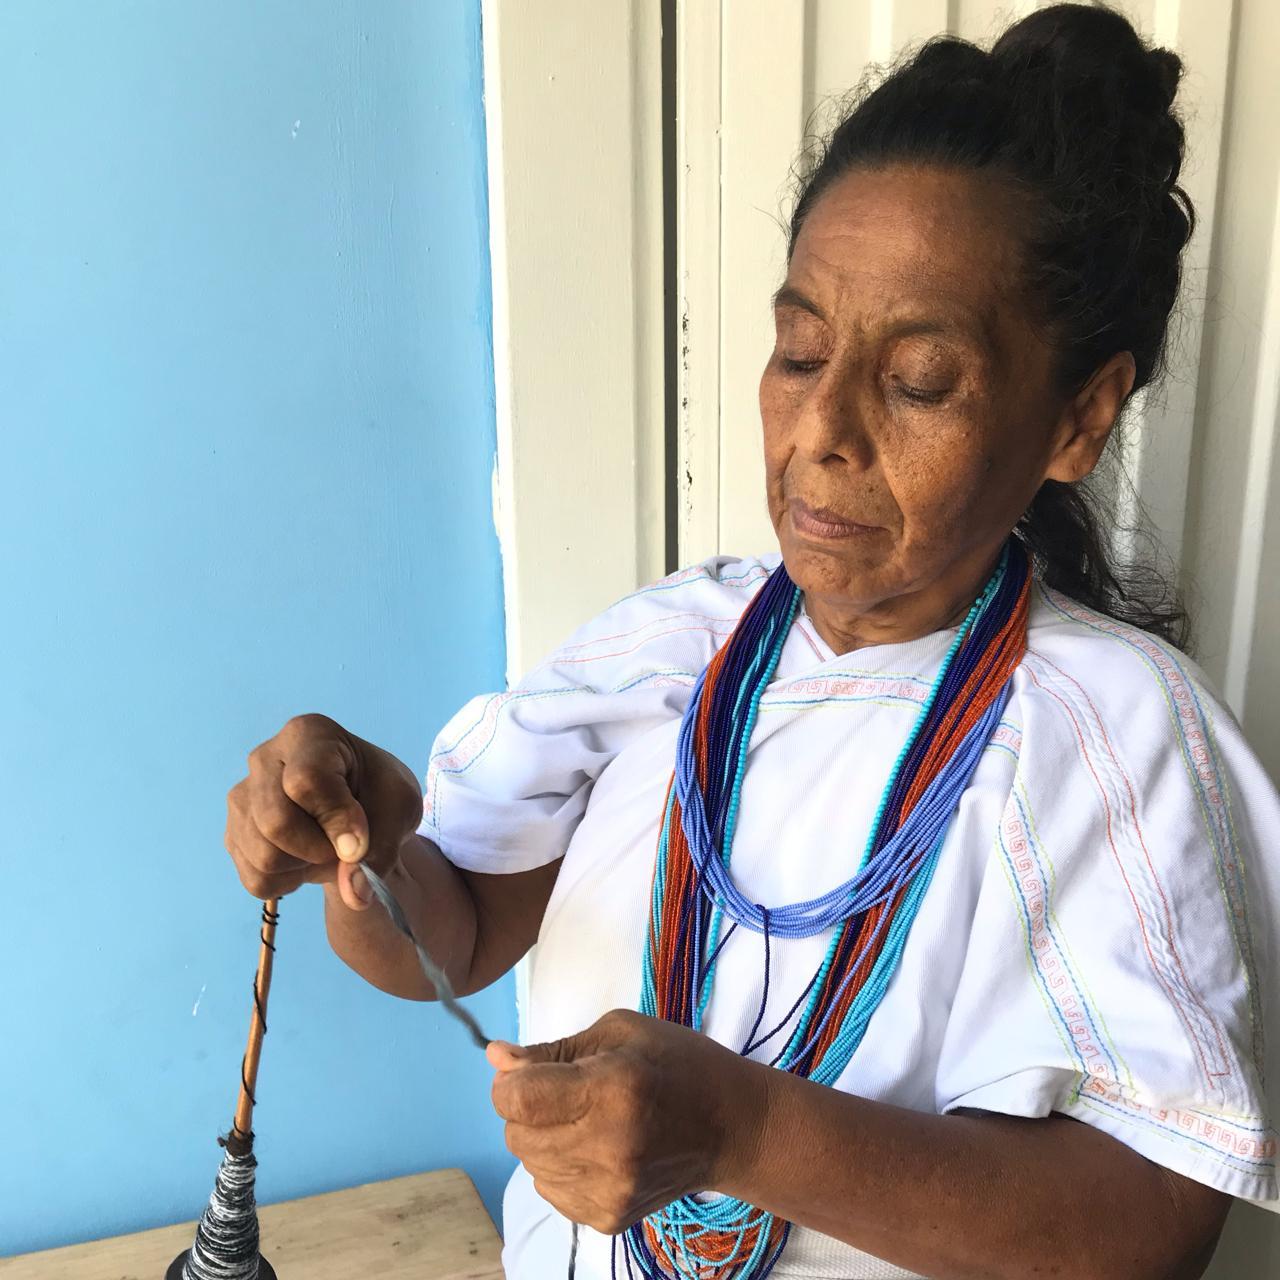 tejiendo mochilas arhuacas originales